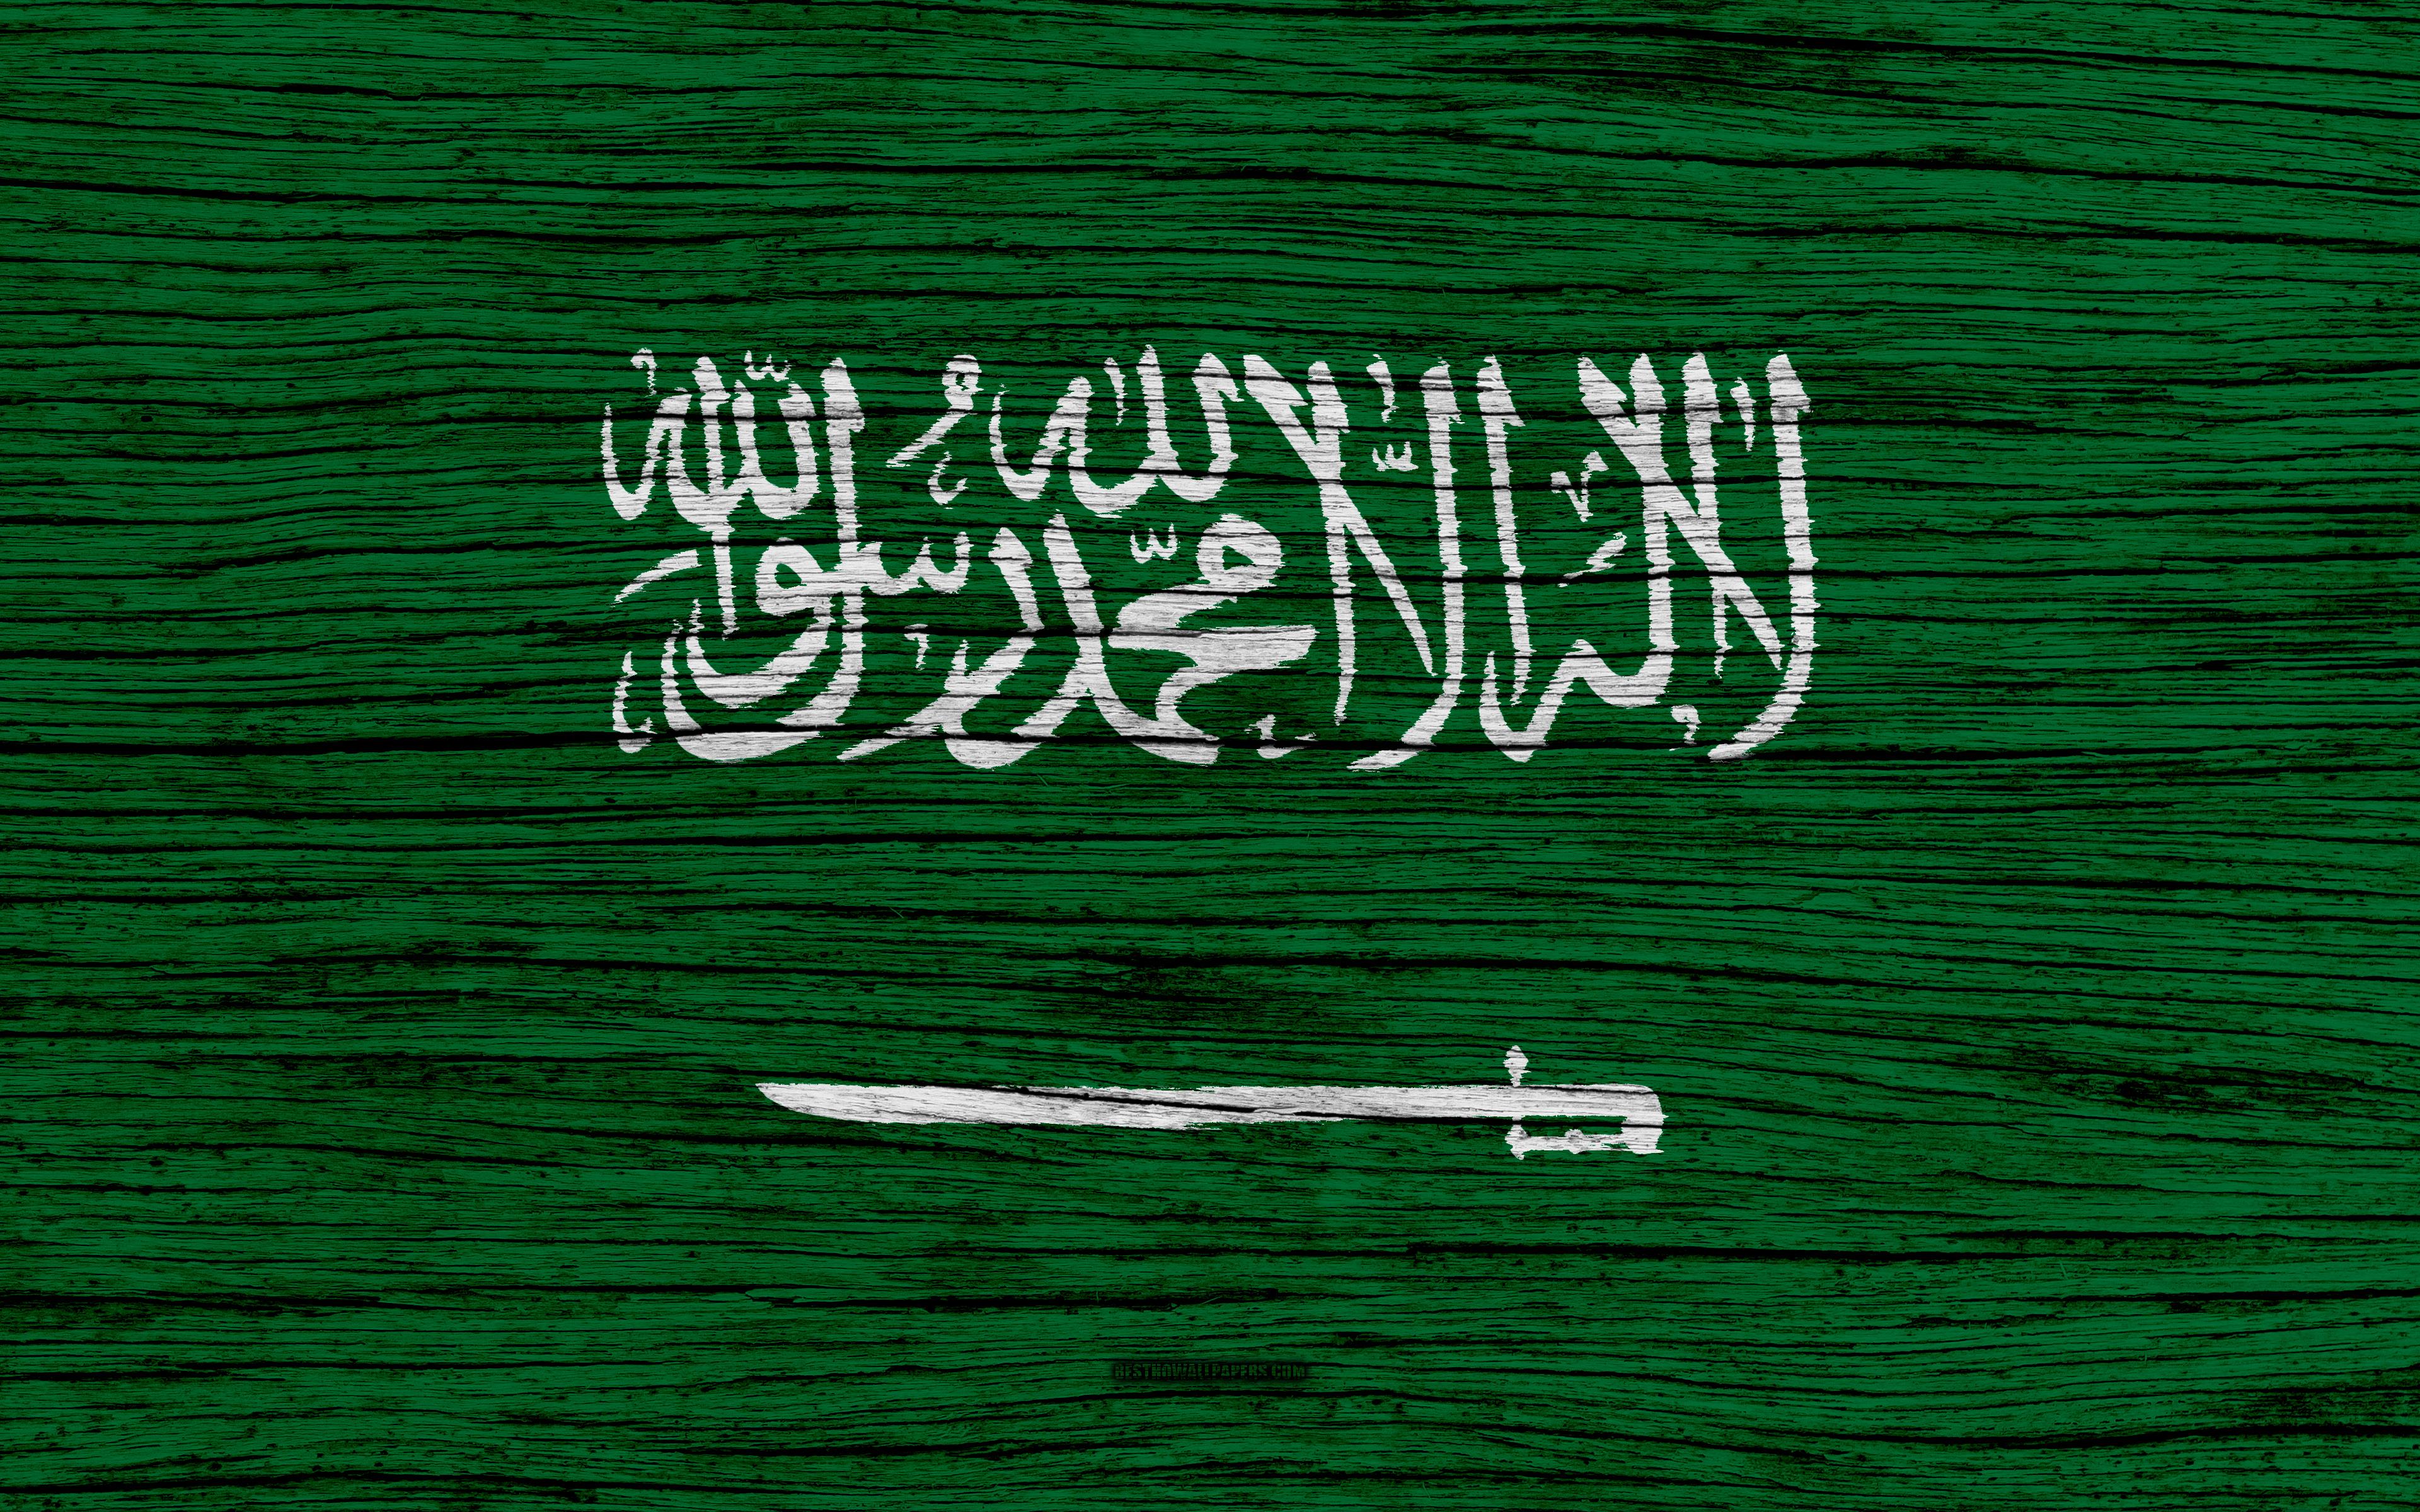 تحميل صور العلم السعودي